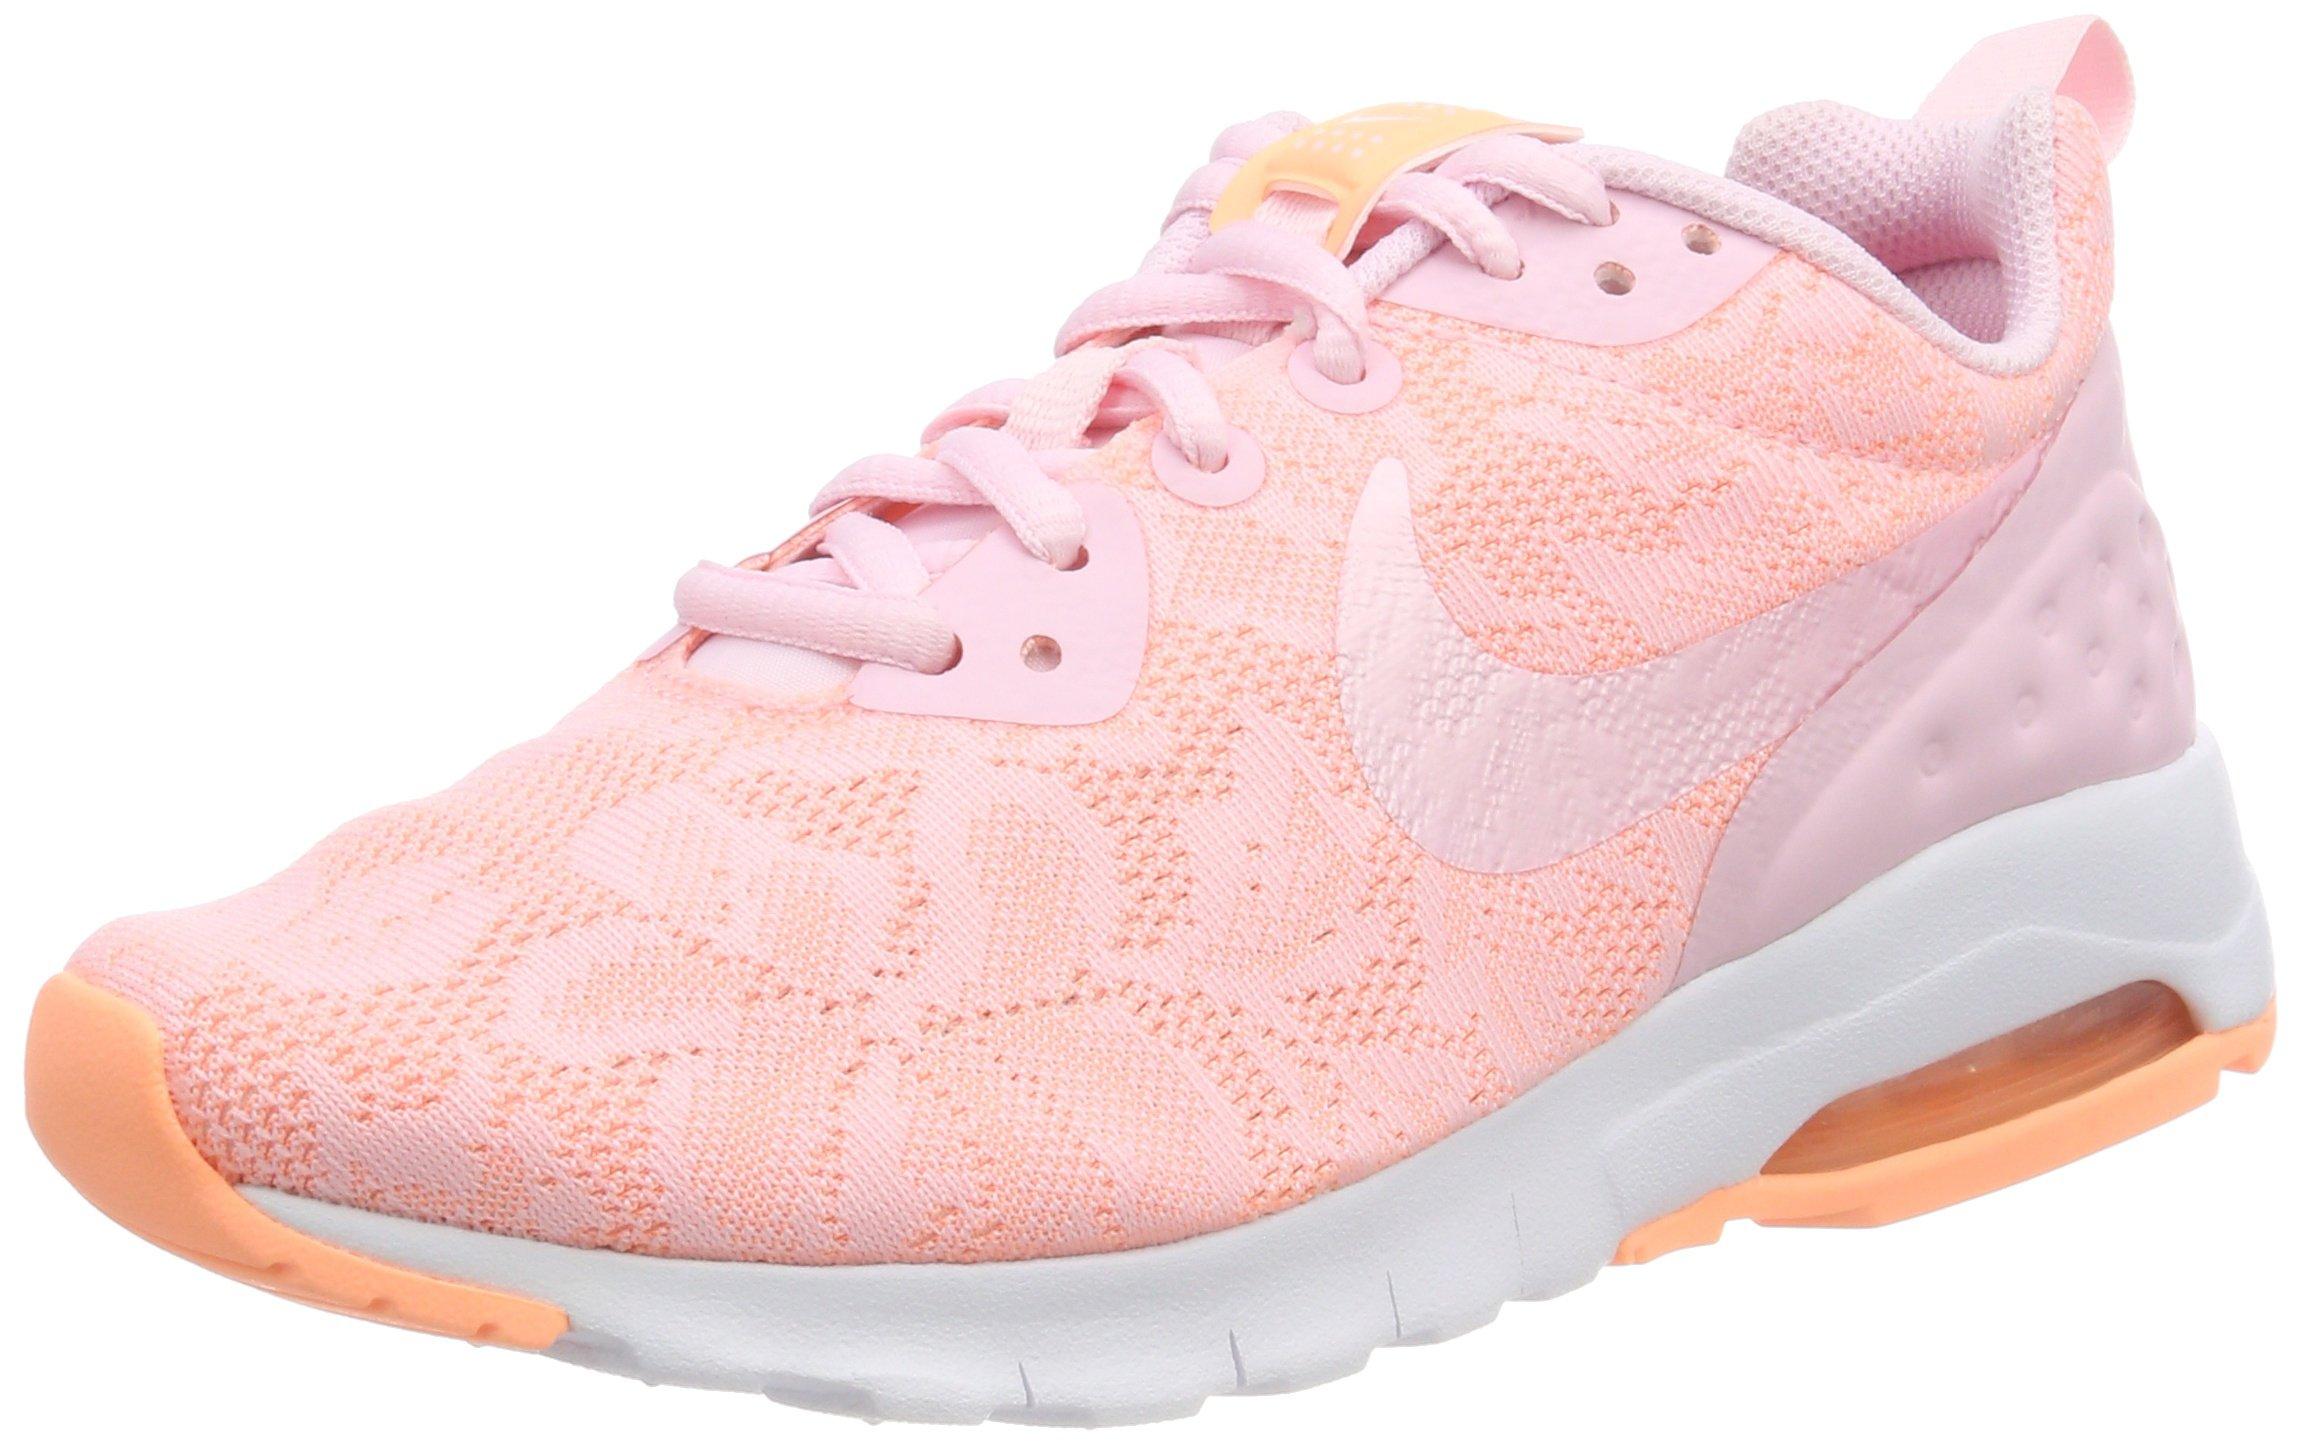 Nike Women's W Air Max Motion LW Eng Trainers, Pink (Prism PinkPrism PinkSunset Glow), 6 UK 40 EU